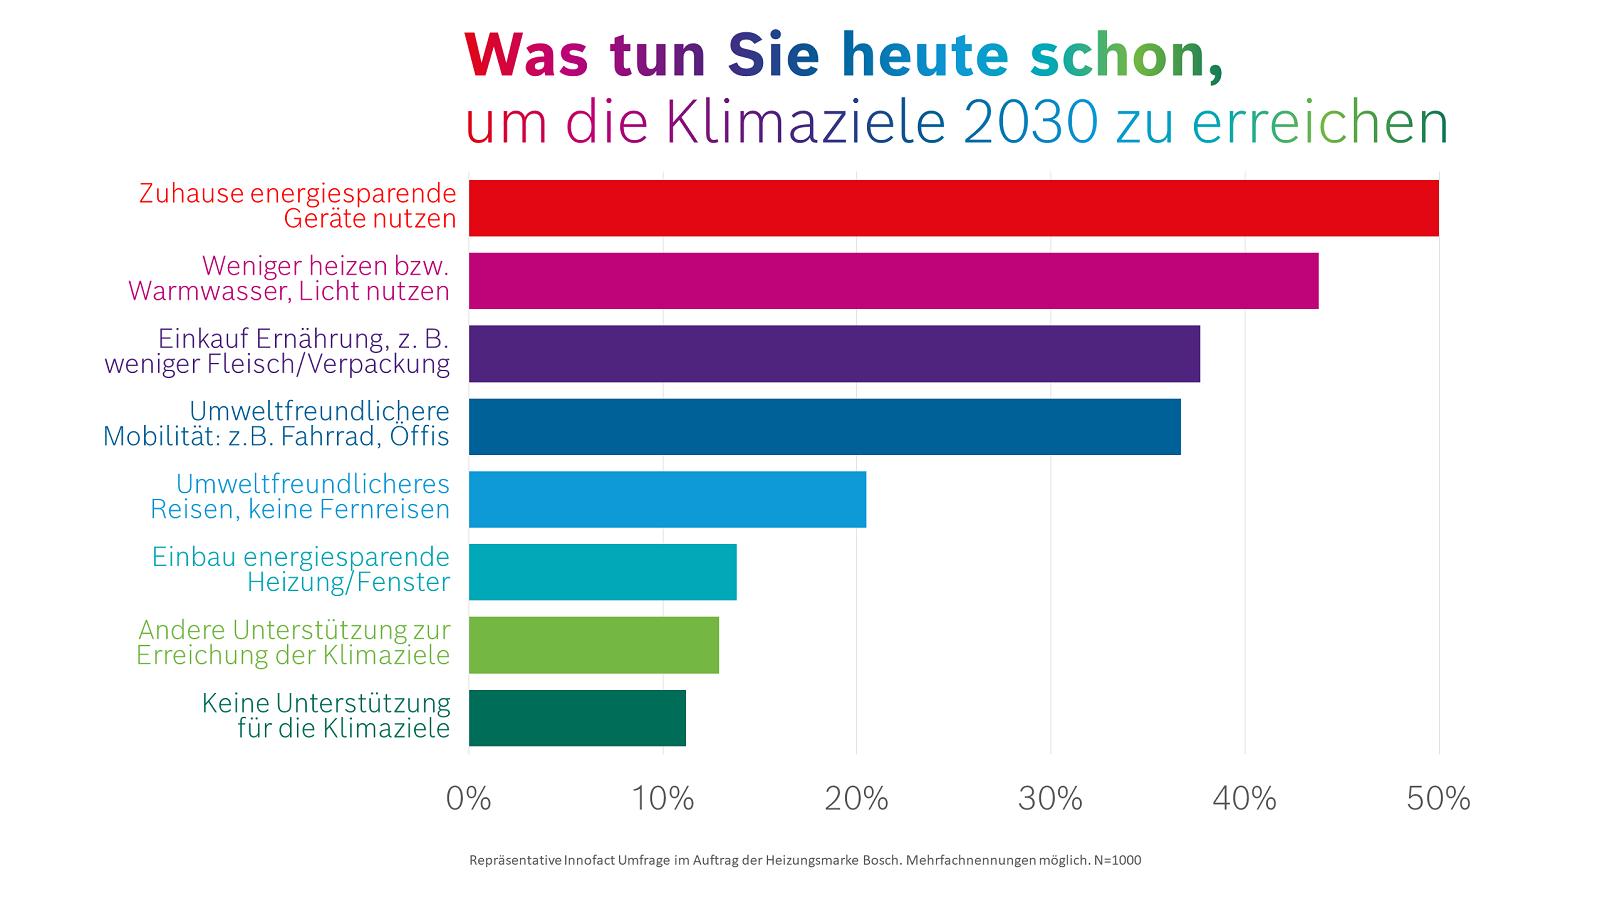 Umfrage zeigt, wie die Deutschen die EU-Klimaziele unterstützen